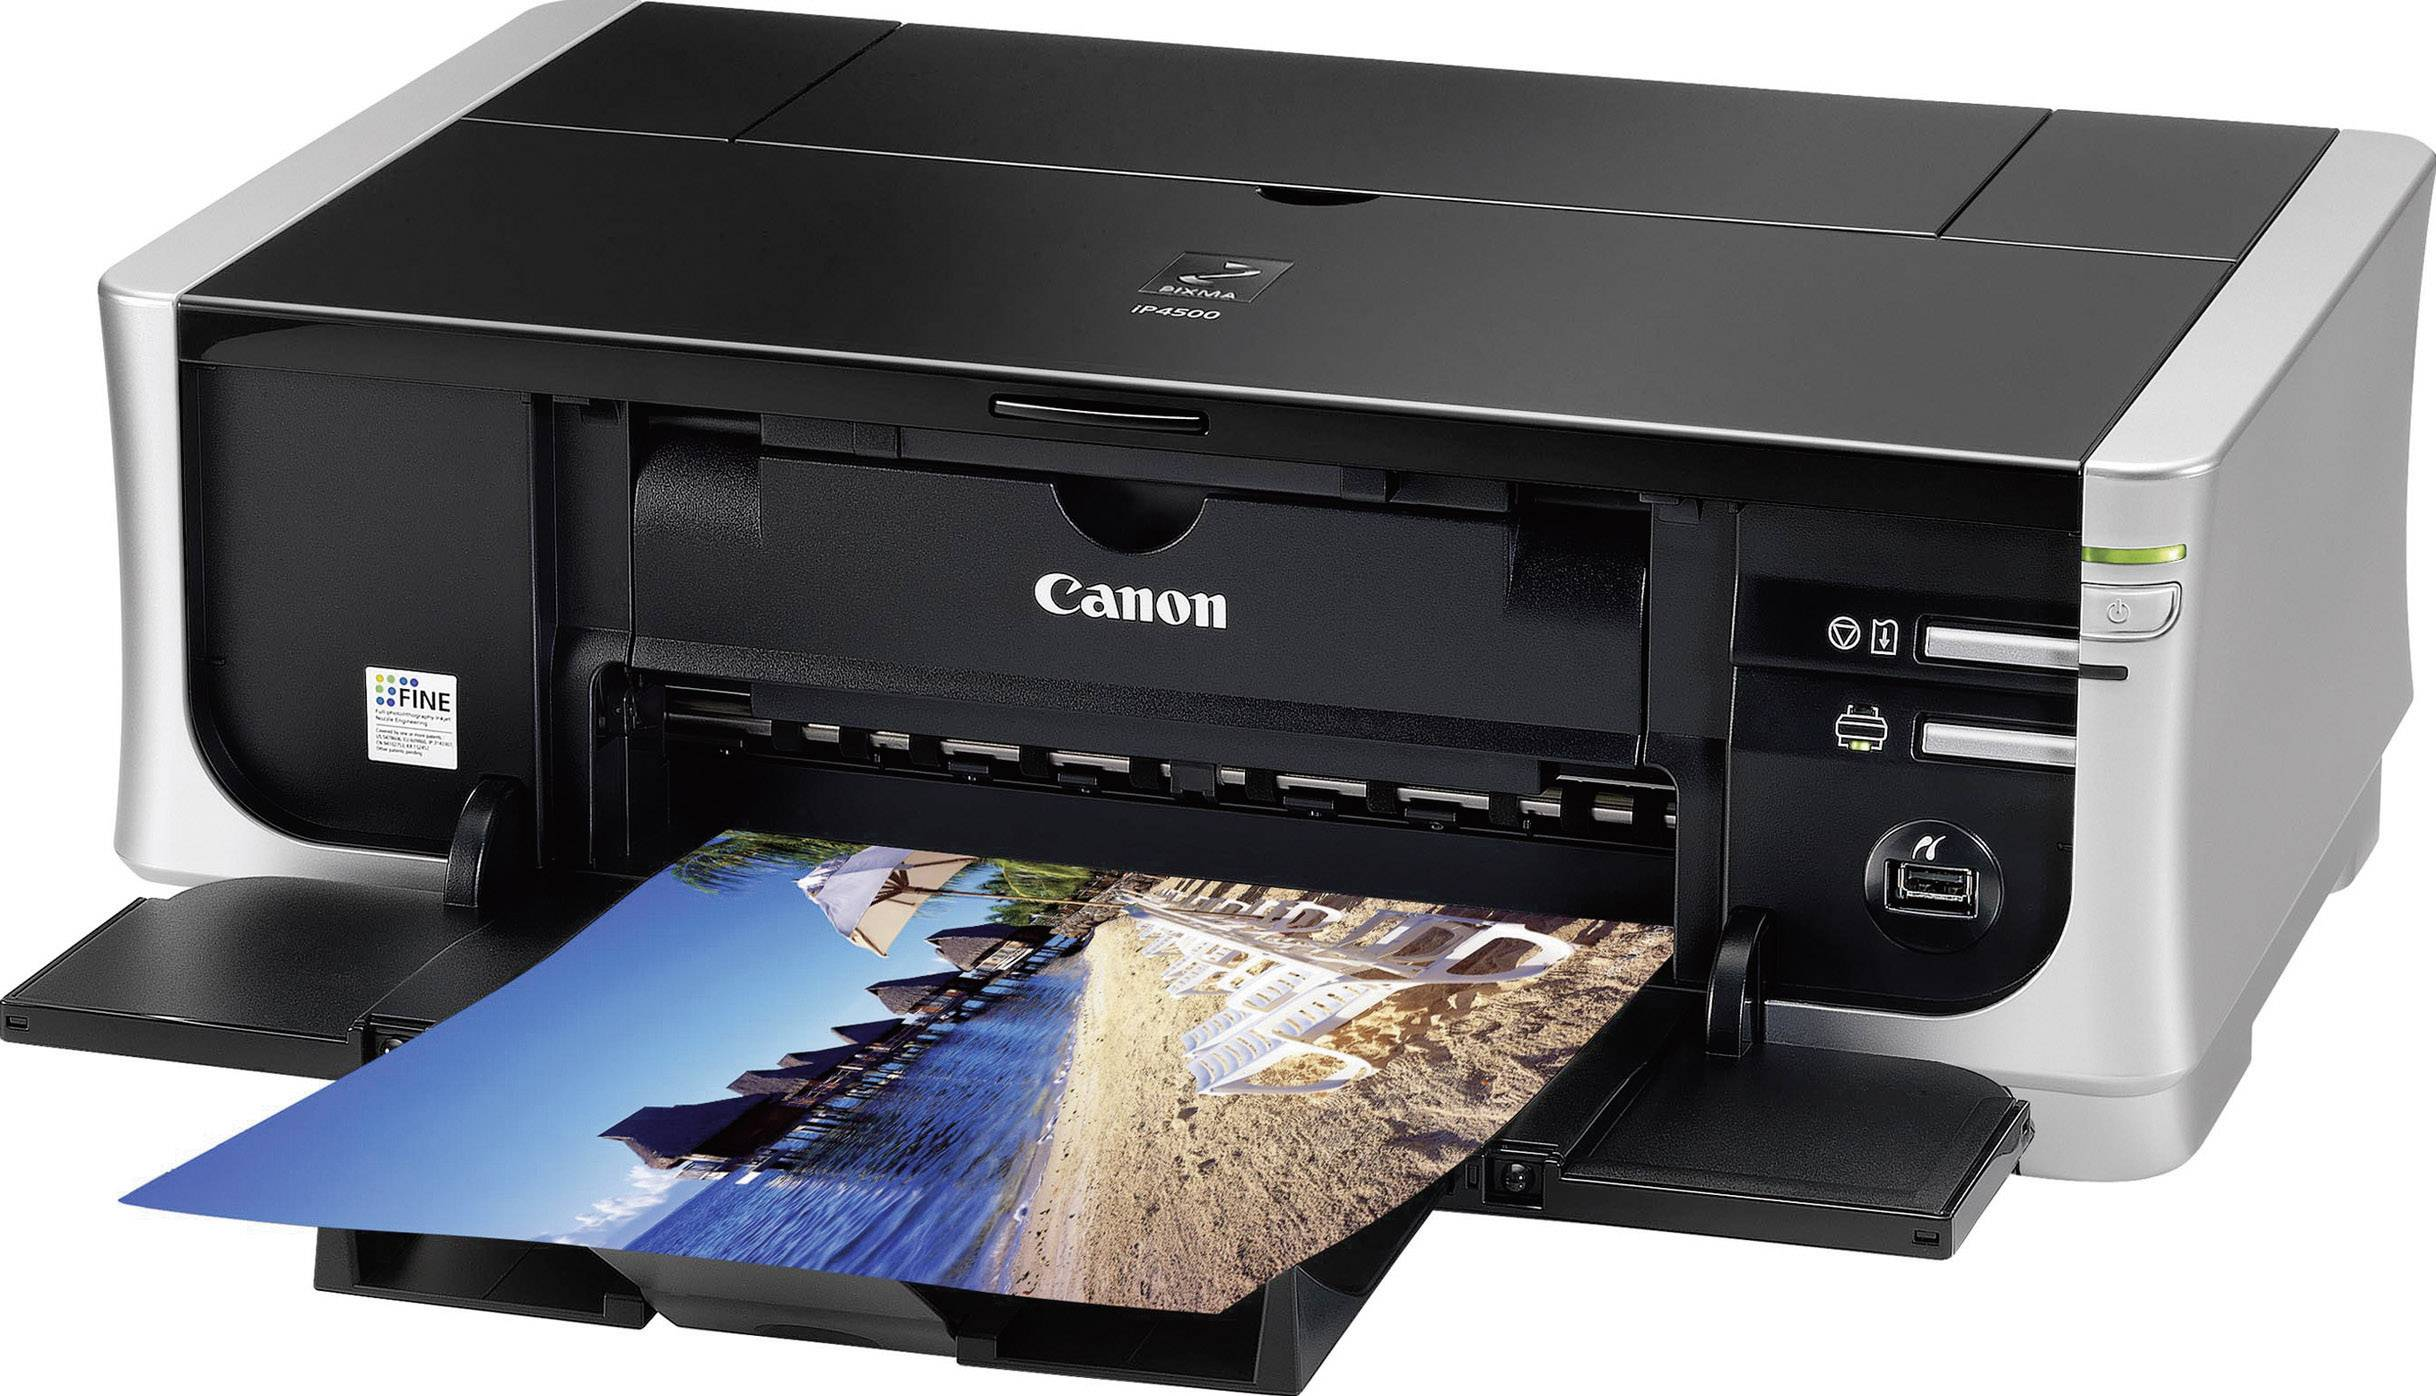 Štítkovače, tiskárny etiket a příslušenství k tiskárnám